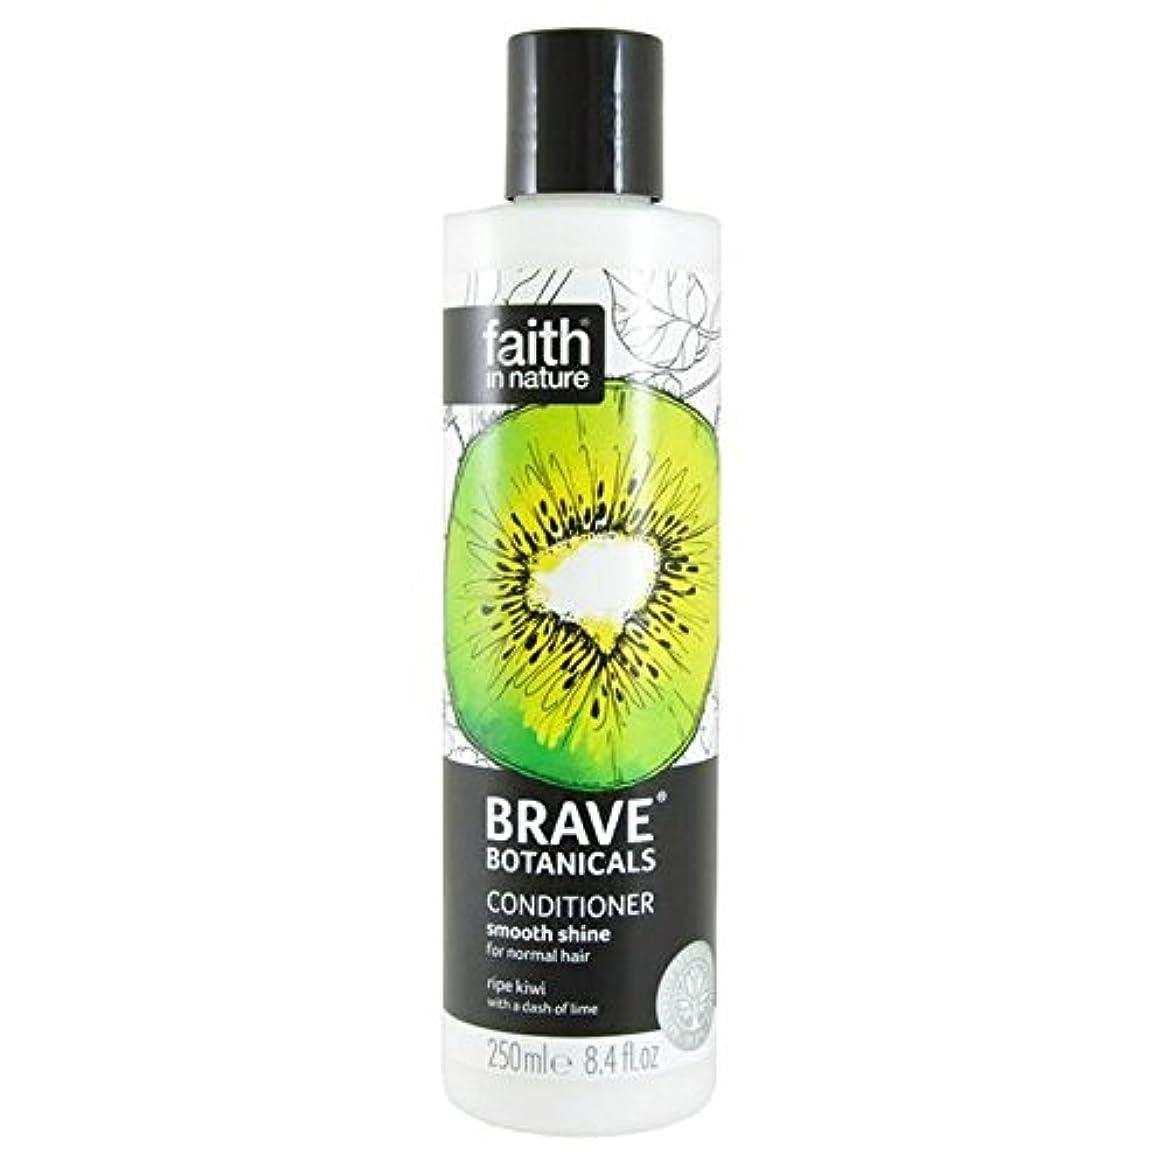 煩わしいどっちでもサーフィンBrave Botanicals Kiwi & Lime Smooth Shine Conditioner 250ml (Pack of 2) - (Faith In Nature) 勇敢な植物キウイ&ライムなめらかな輝...